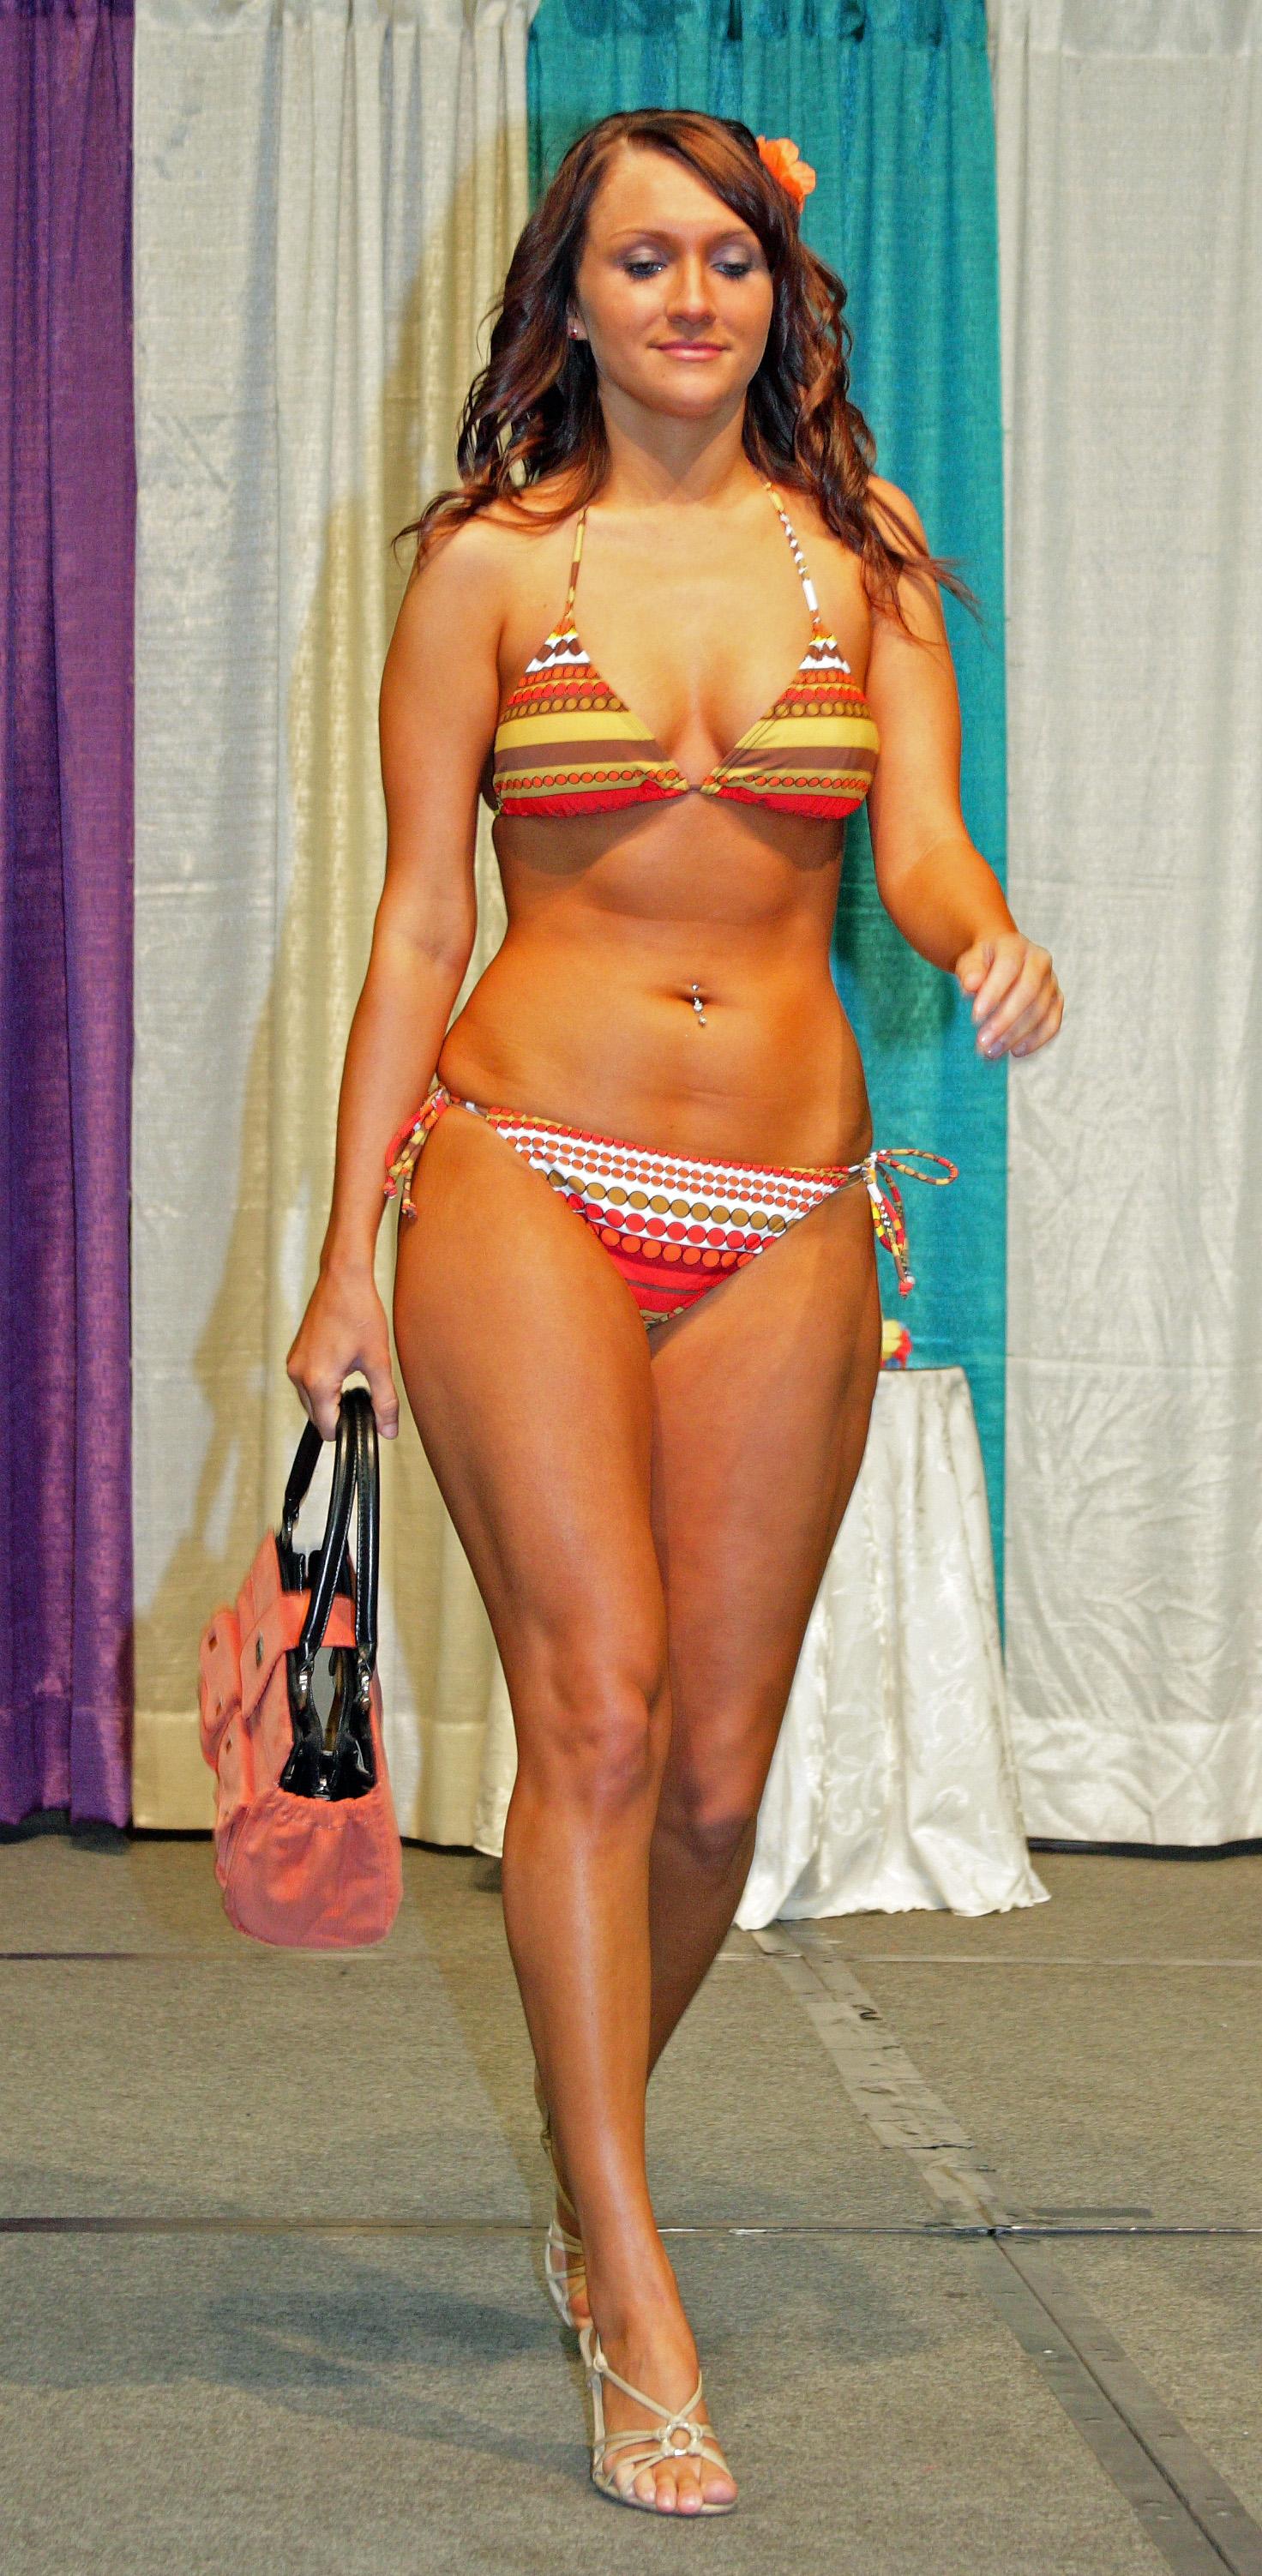 File:2010 Run to the Sun Fashion Show in Anchorage Alaska 01